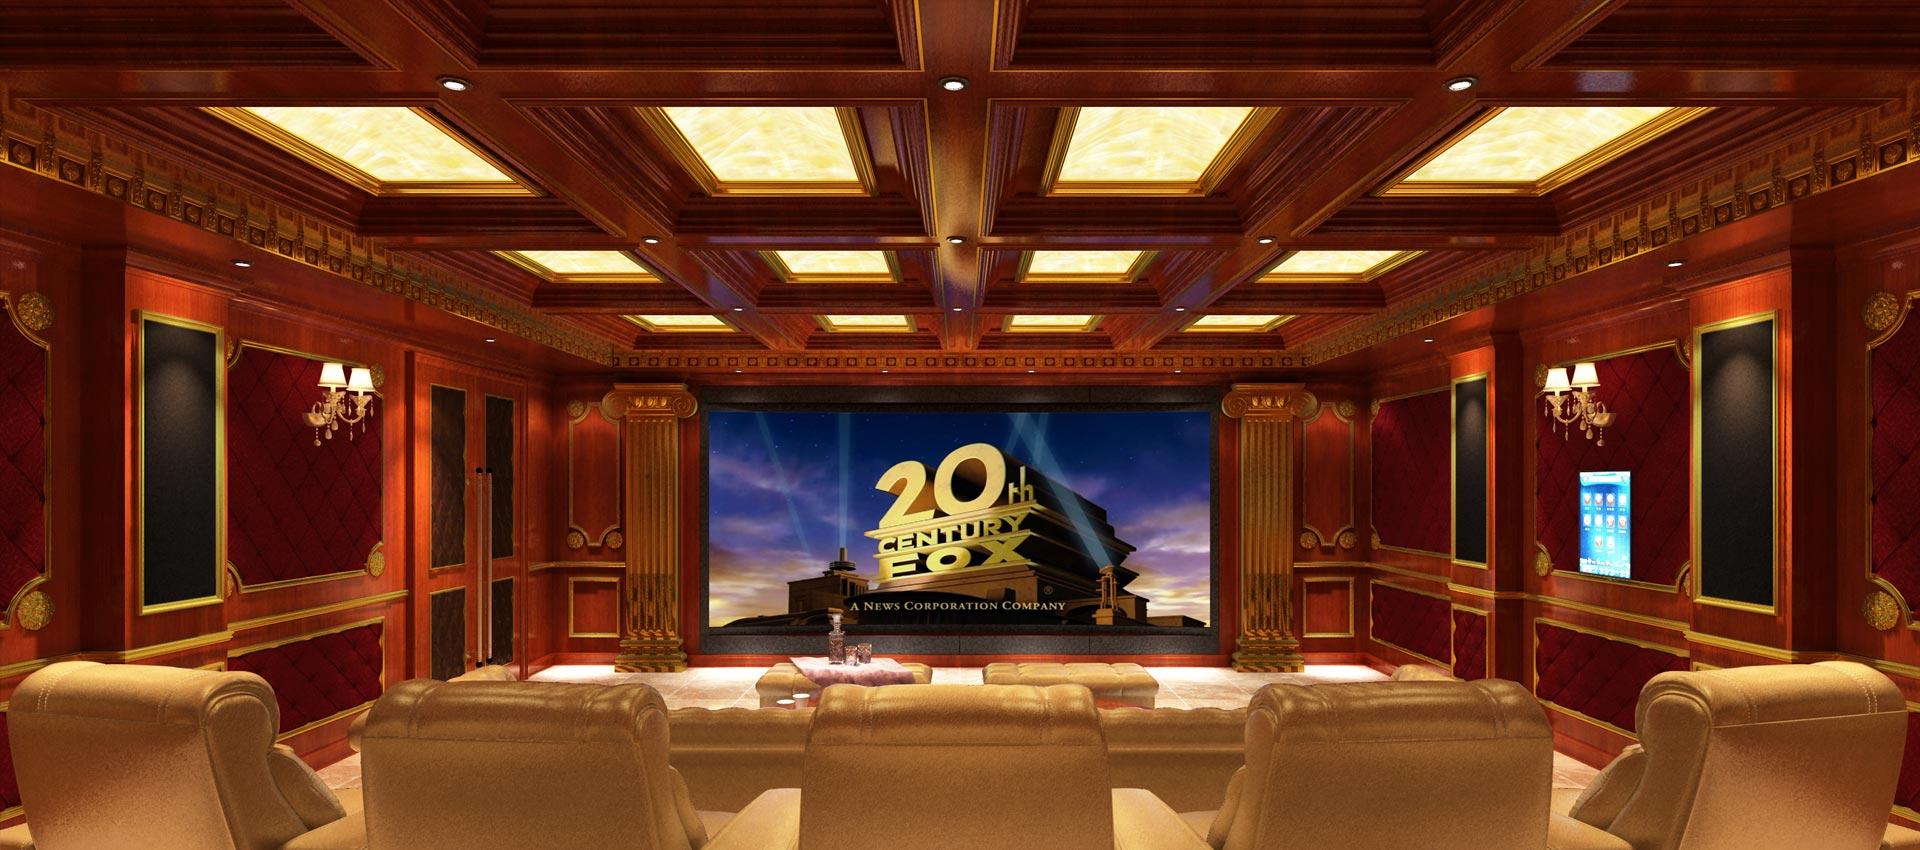 家庭影院怎么装修设计比较美观?家庭影院影音室美观设计规范